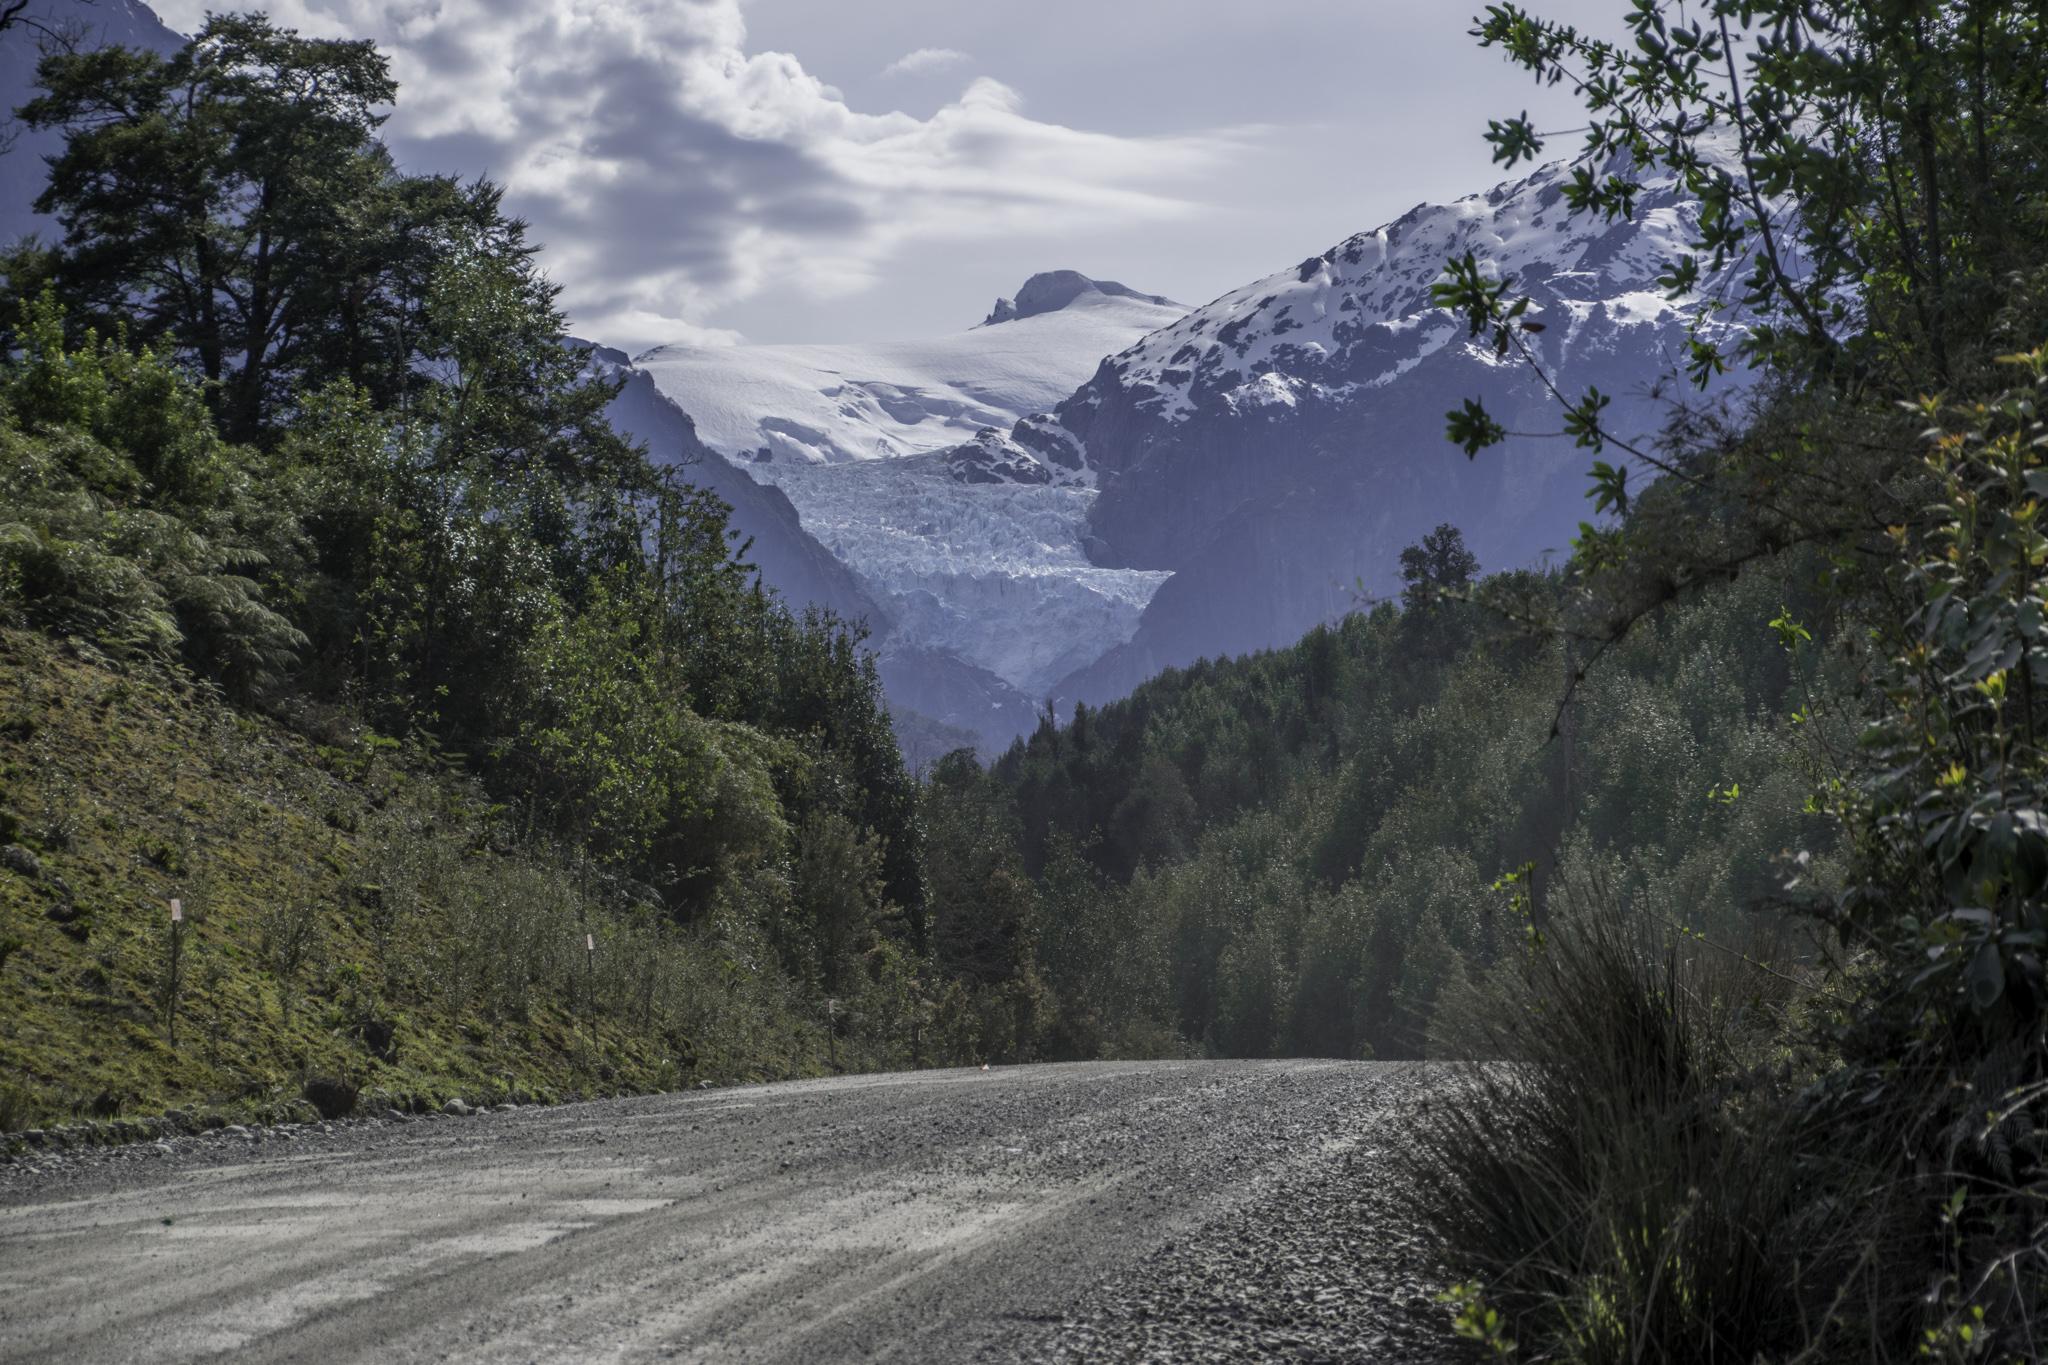 Carretera Austral mit Blick auf Gletscher - per Mausklick könnt ihr zoomen